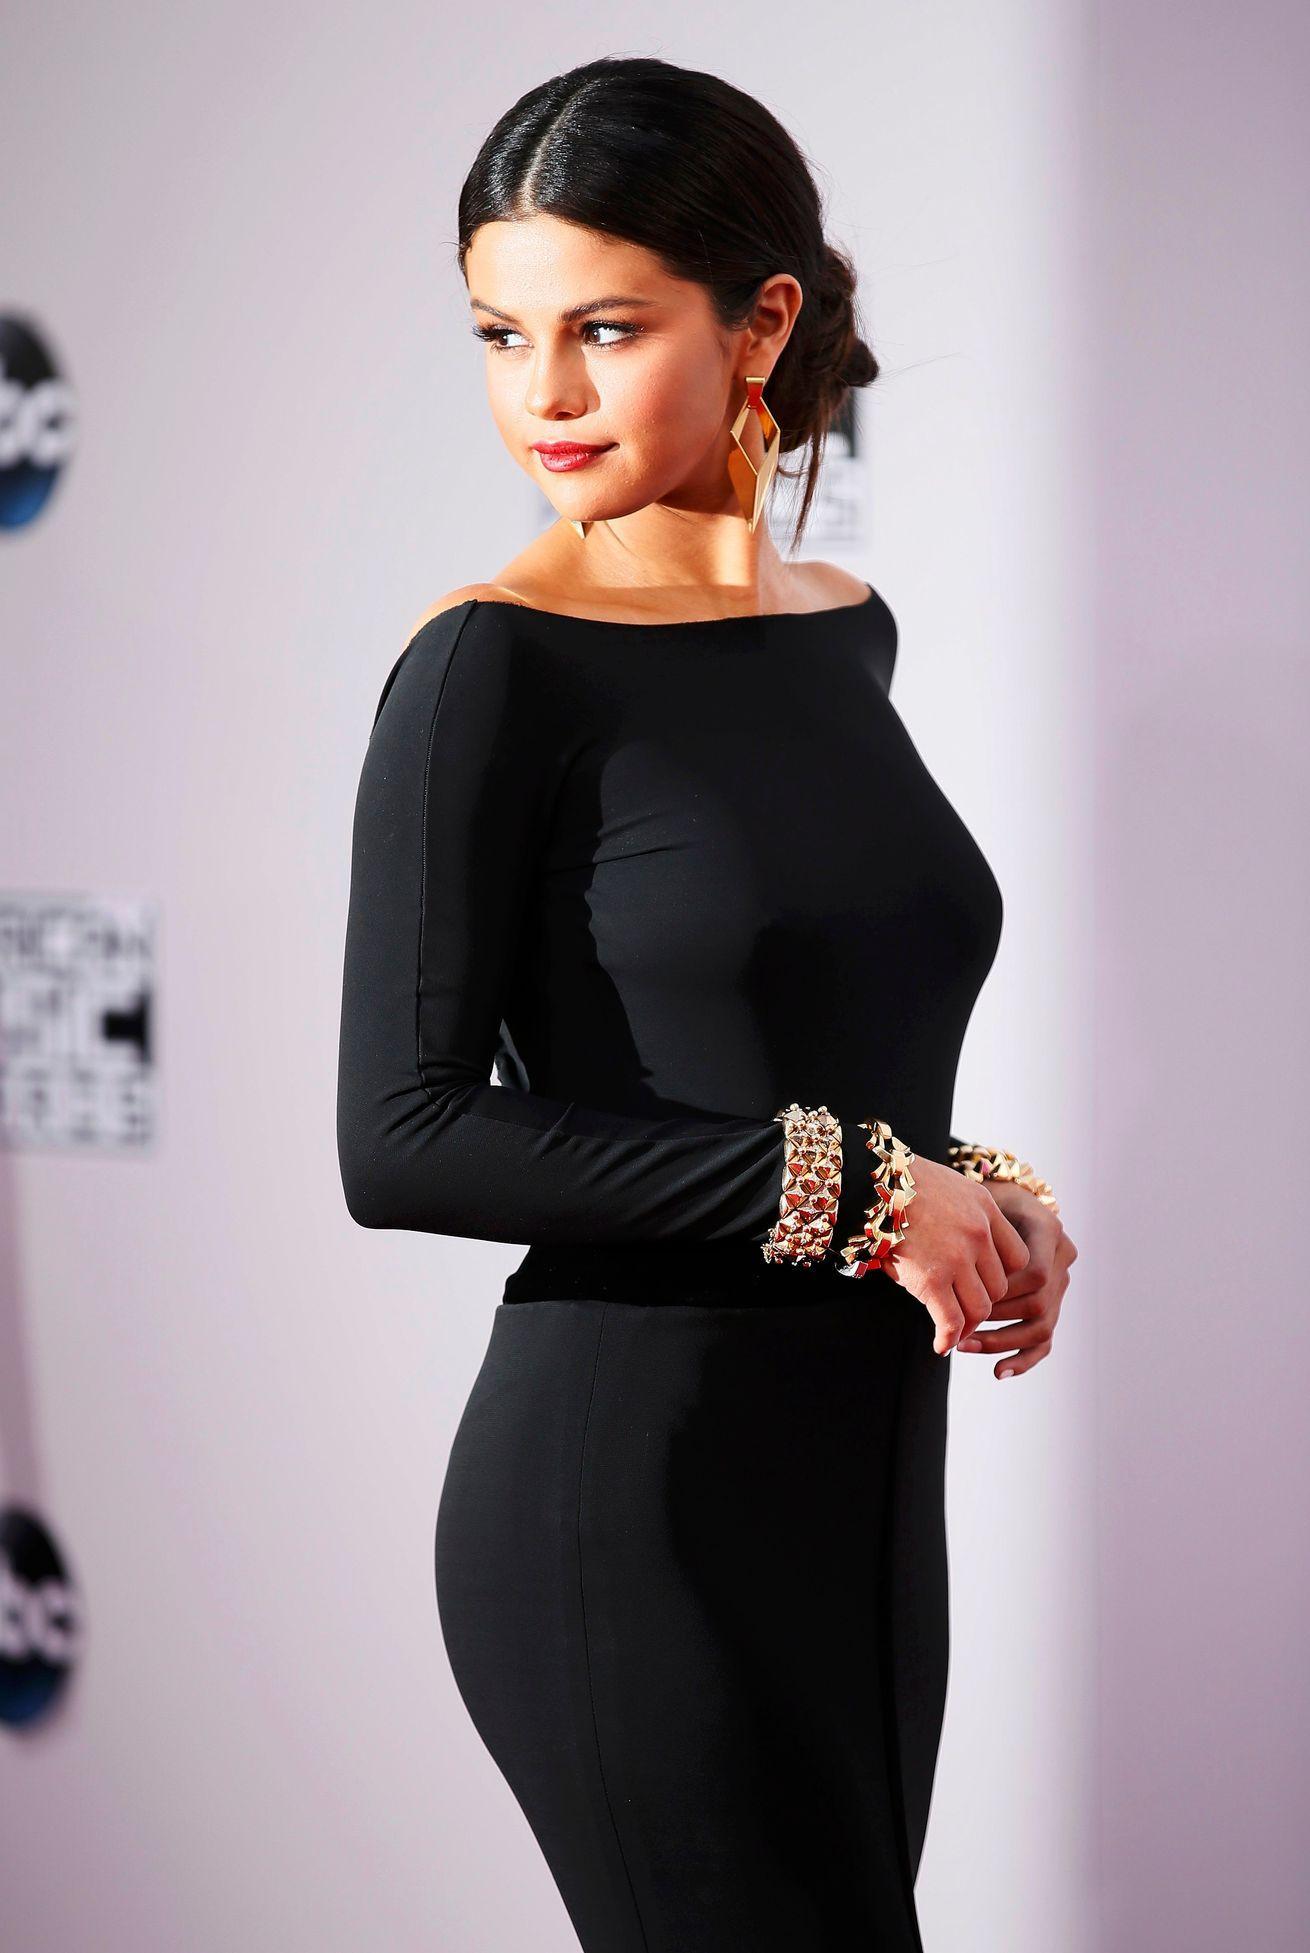 Selena Gomez ruší kvůli nemoci evropské turné abe64a0f1ac